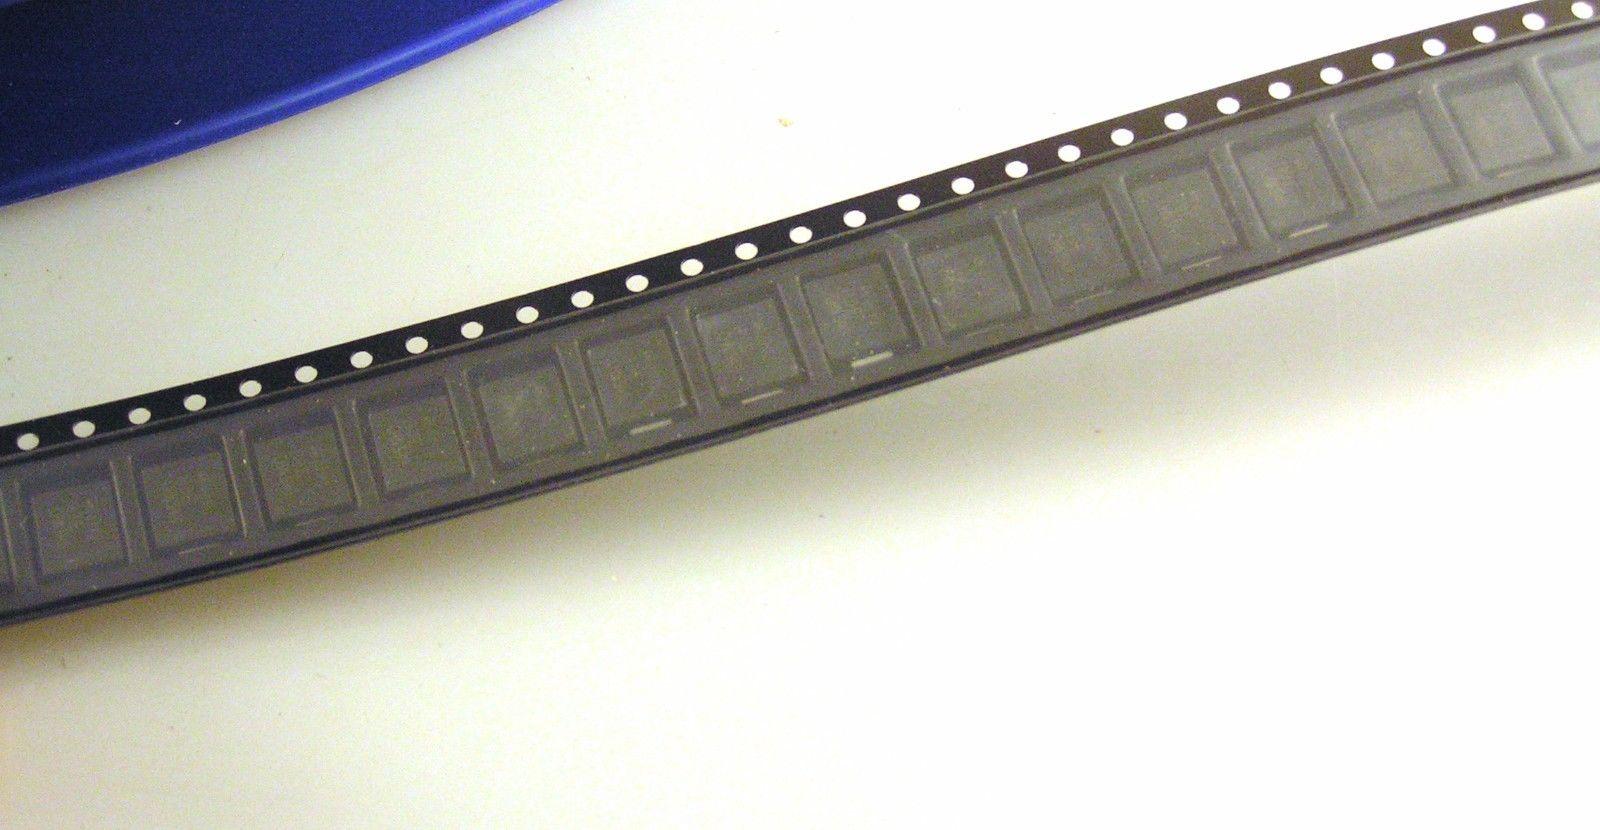 10 pieces TVS Diodes Transient Voltage Suppressors 1500W TVS Bidirectional